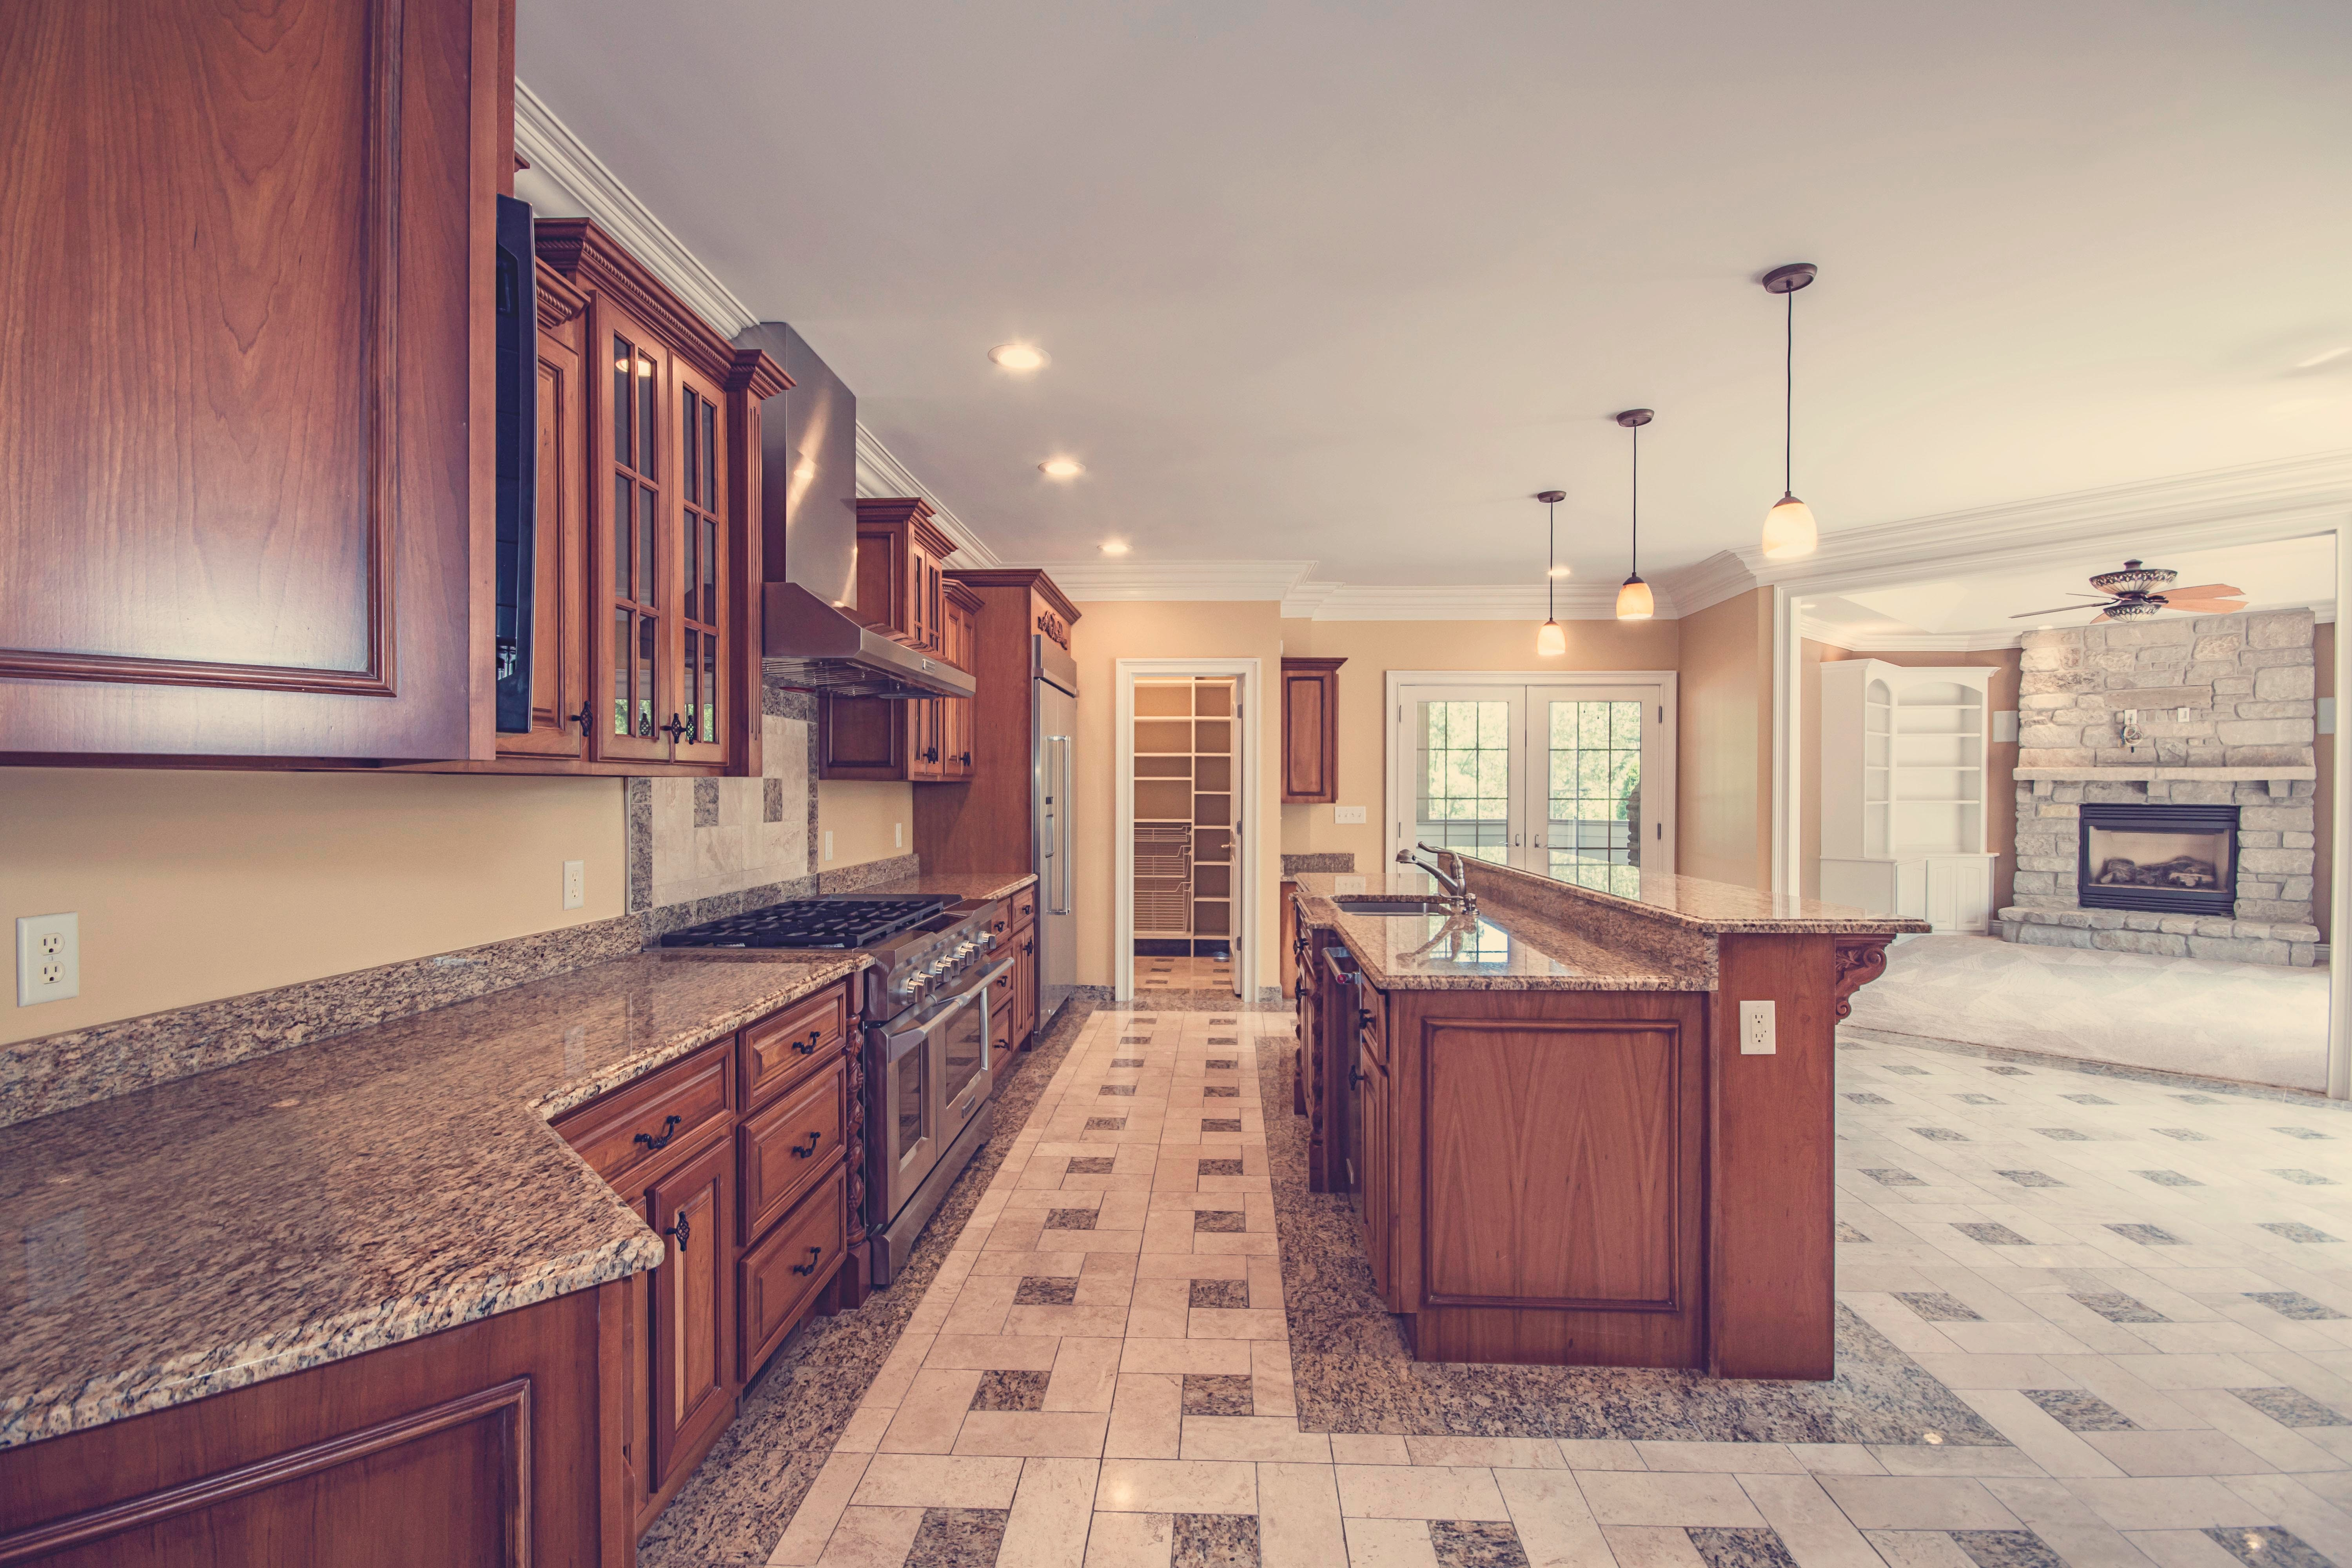 Kitchen Cabinets In St Louis Luhcs Enterprises Llc